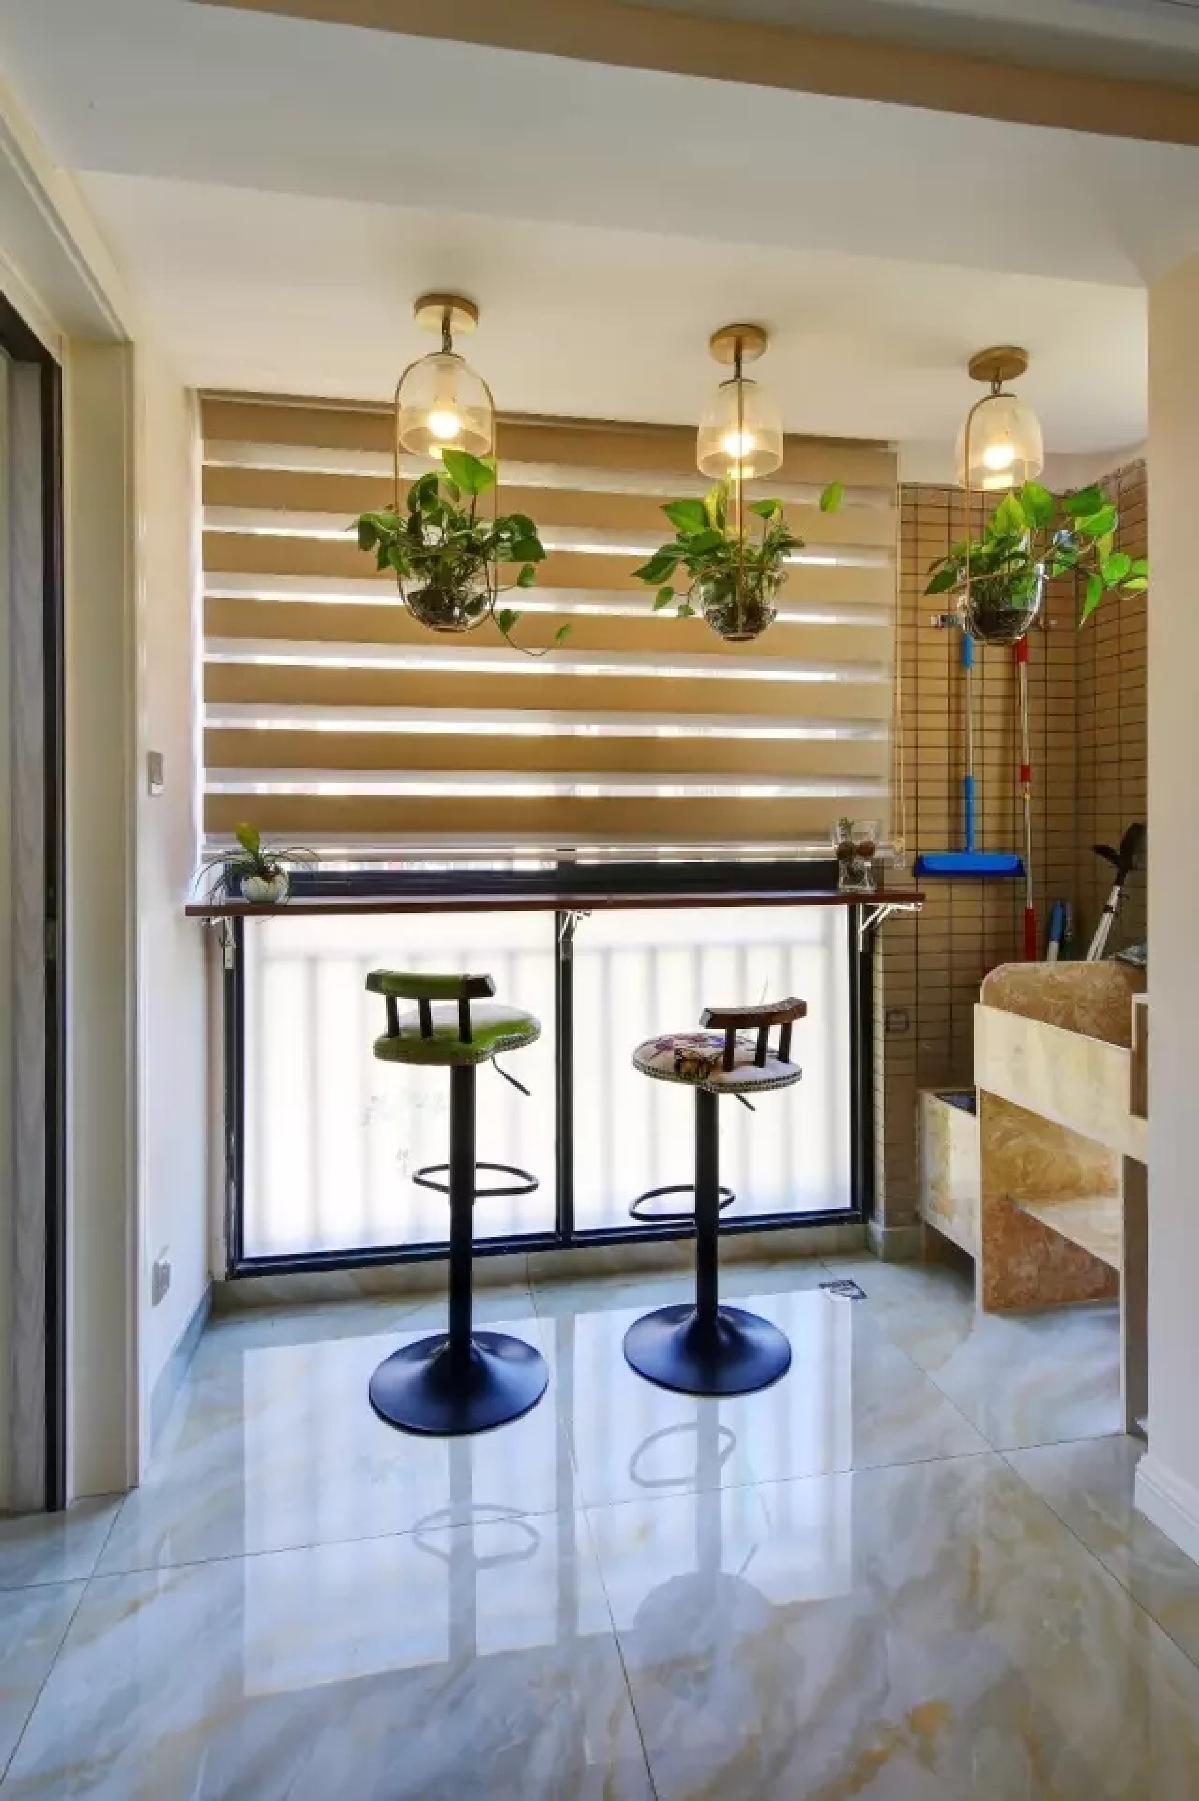 首页 装修效果图 餐厅旁的阳台打通后在靠窗位置装了个小吧台,吊灯